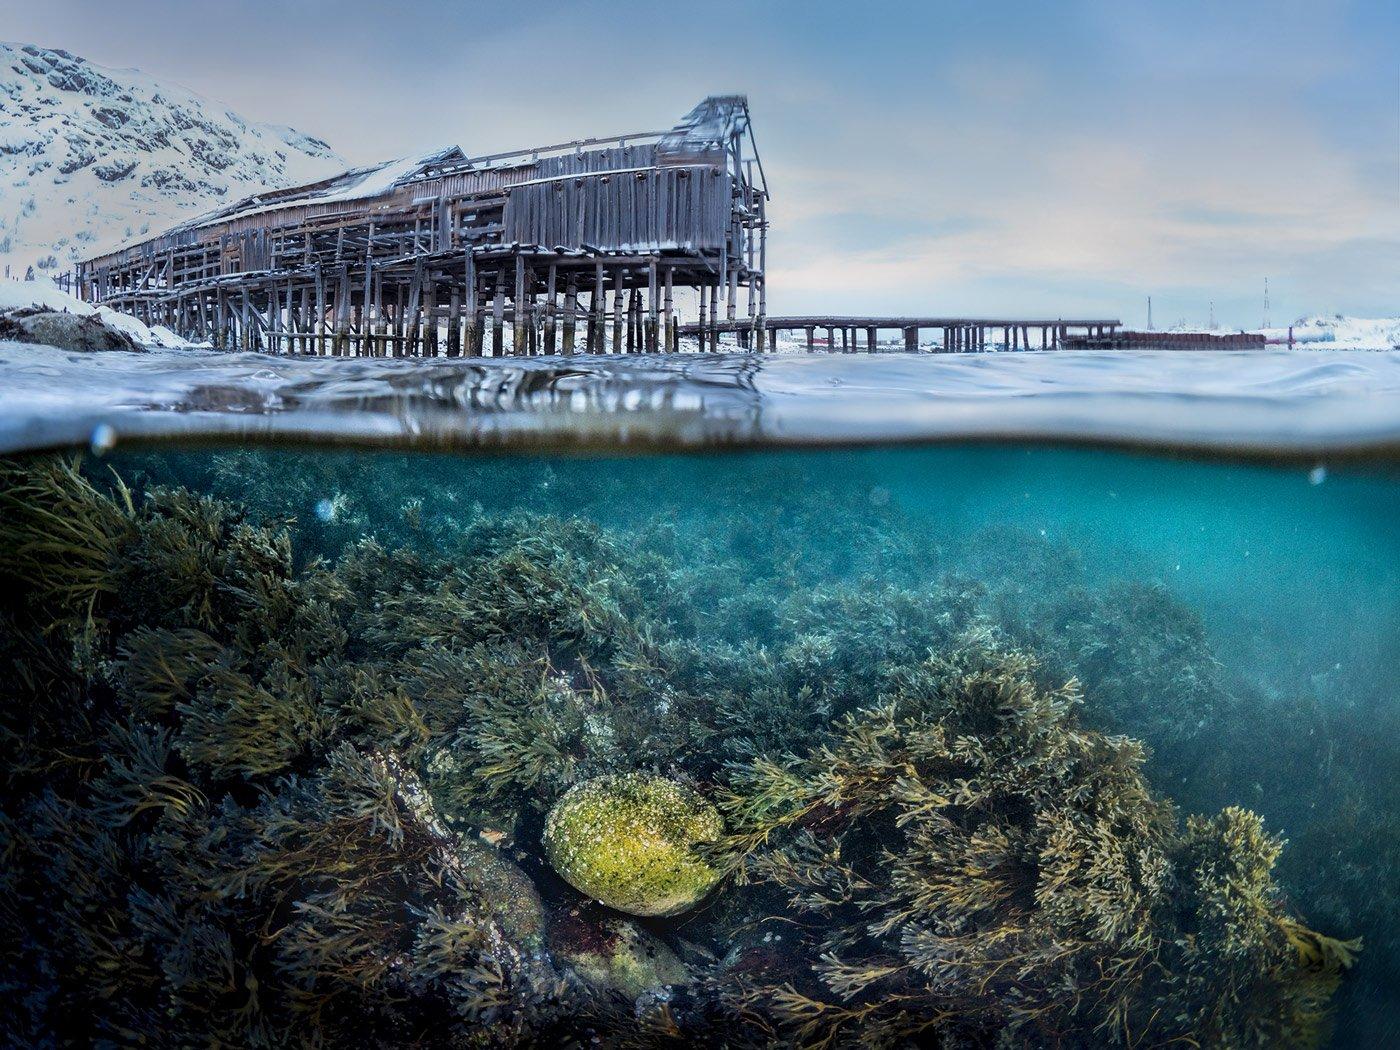 зима,север,териберка,подводный,сплит,под водой,природа,фототур,россия,пейзаж, Elena Pakhalyuk